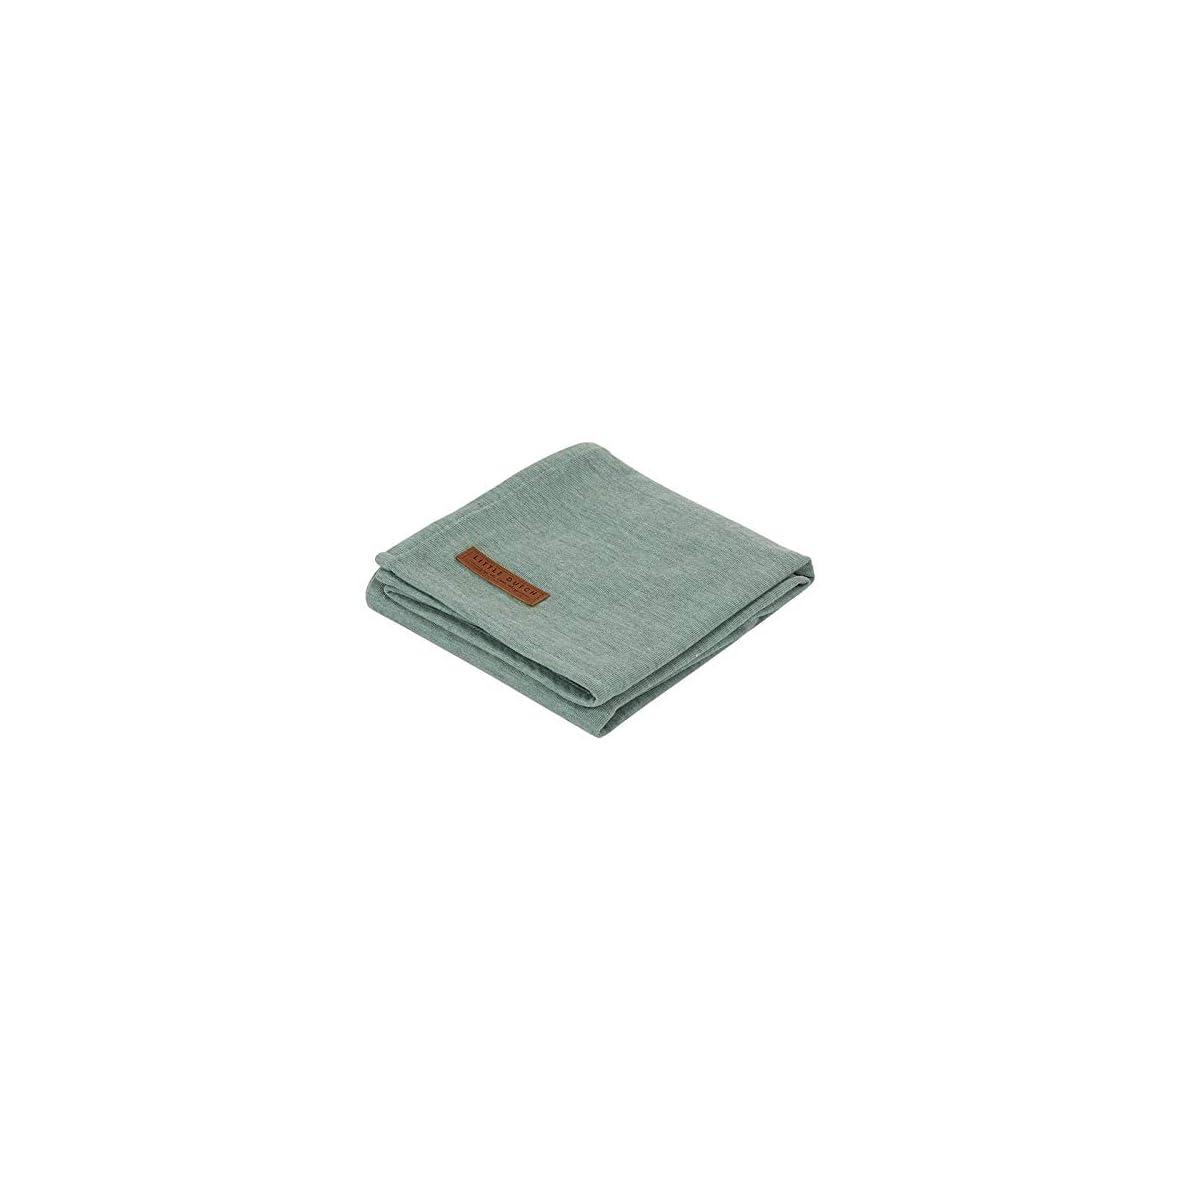 LITTLE-DUTCH-Muslin-TE50330113-Juego-de-panos-de-muselina-70-x-70-cm-color-gris-y-verde